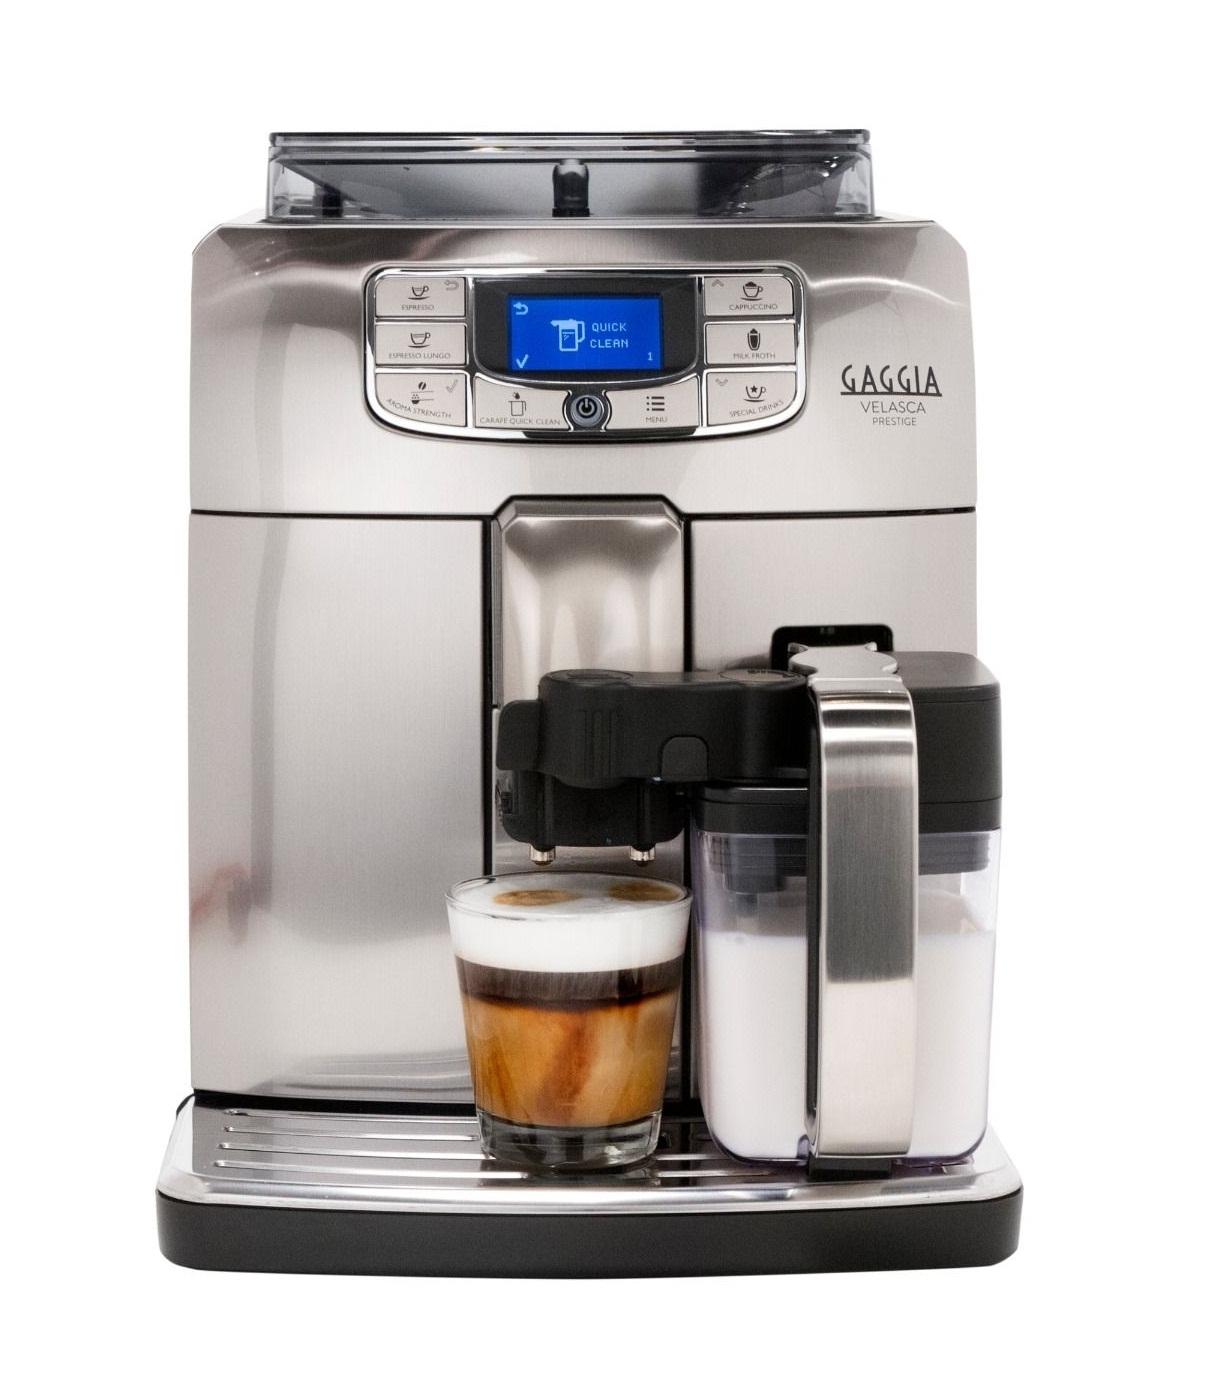 Автоматическая кофемашина Gaggia Velasca Prestige